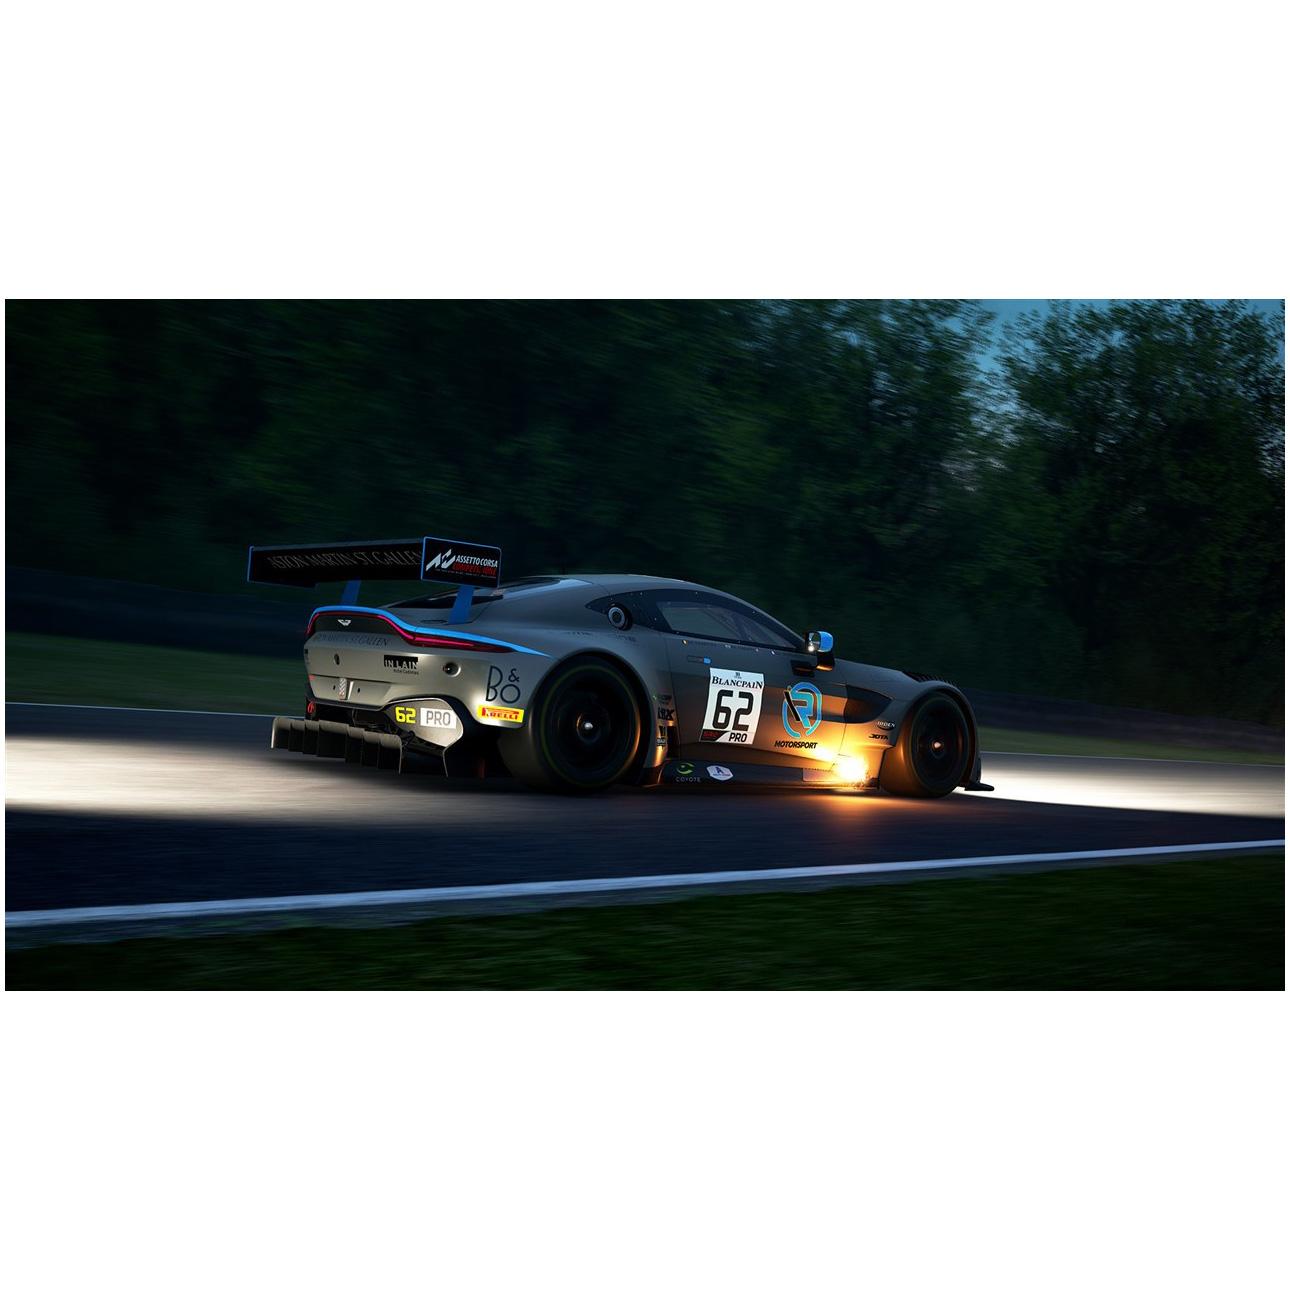 Joc Assetto Corsa Competizione pentru Xbox One 7